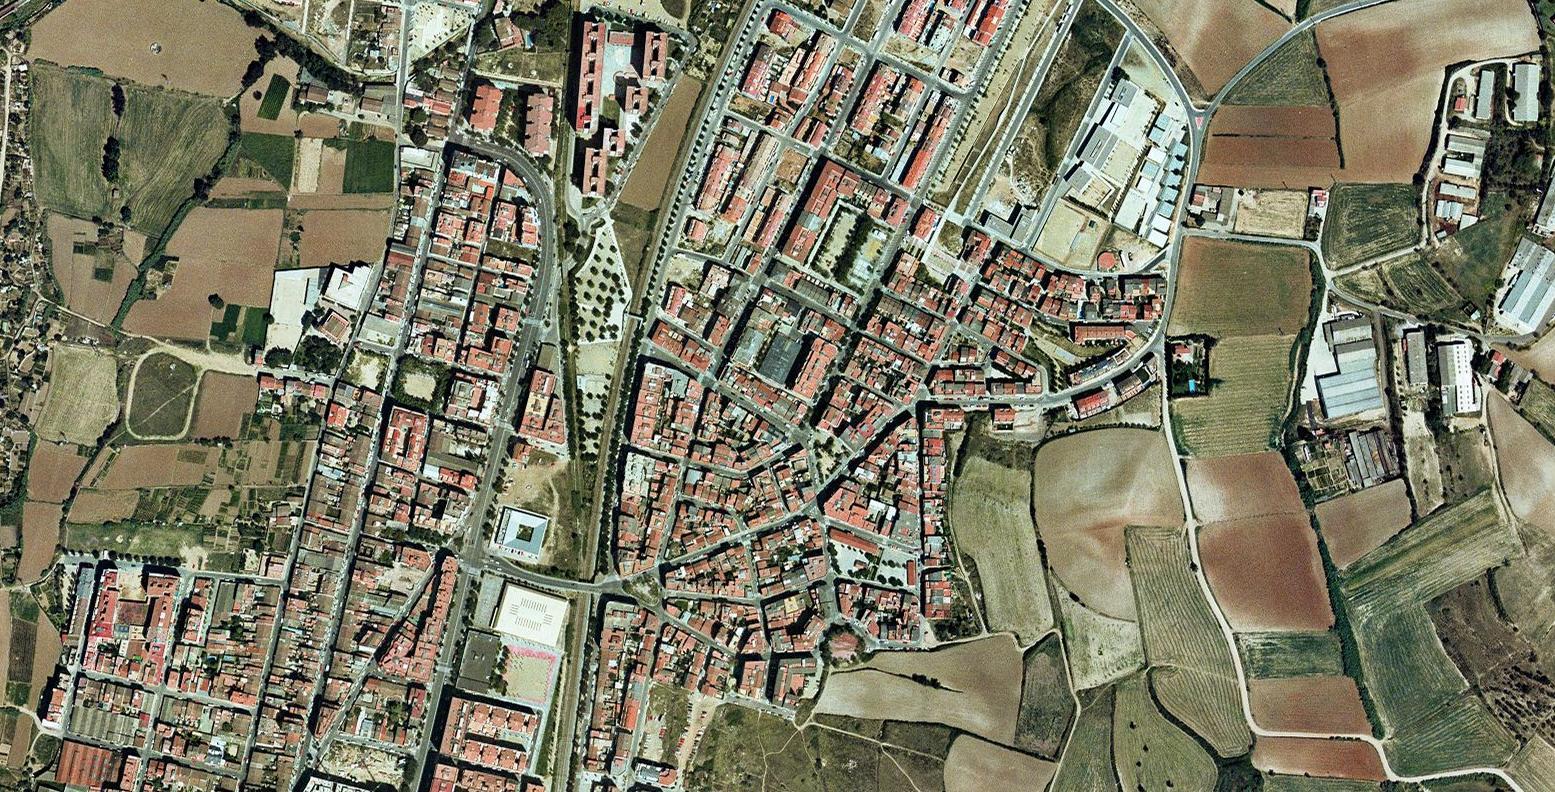 granollers, barcelona, cacaolat, antes, urbanismo, planeamiento, urbano, desastre, urbanístico, construcción